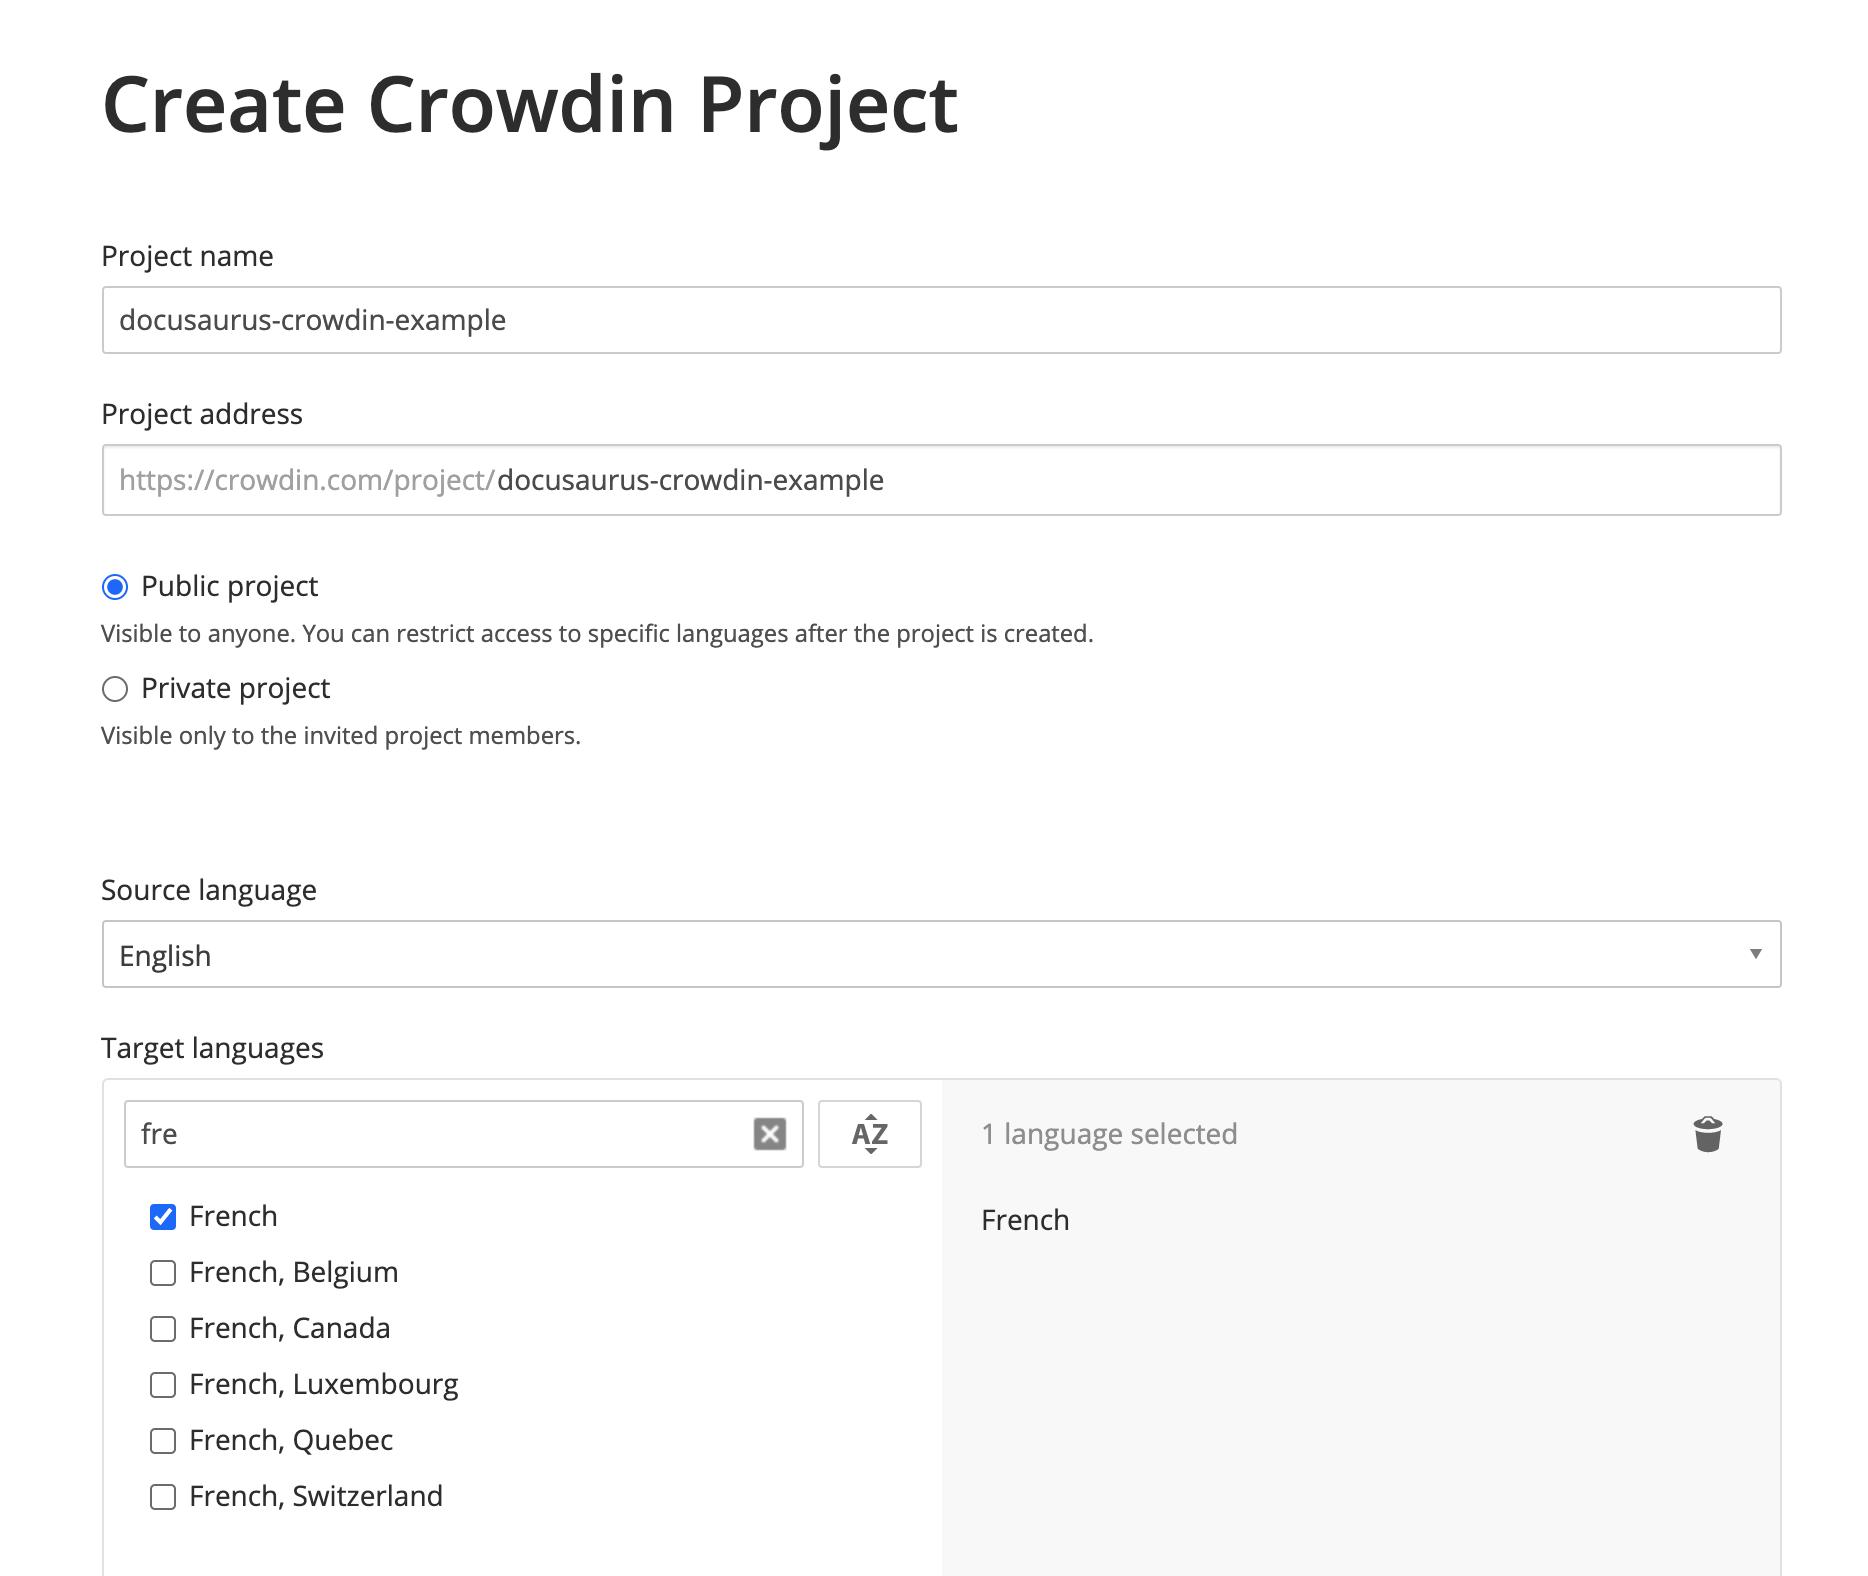 Créer un projet Crowdin avec l'anglais comme langue source, et le français comme langue cible